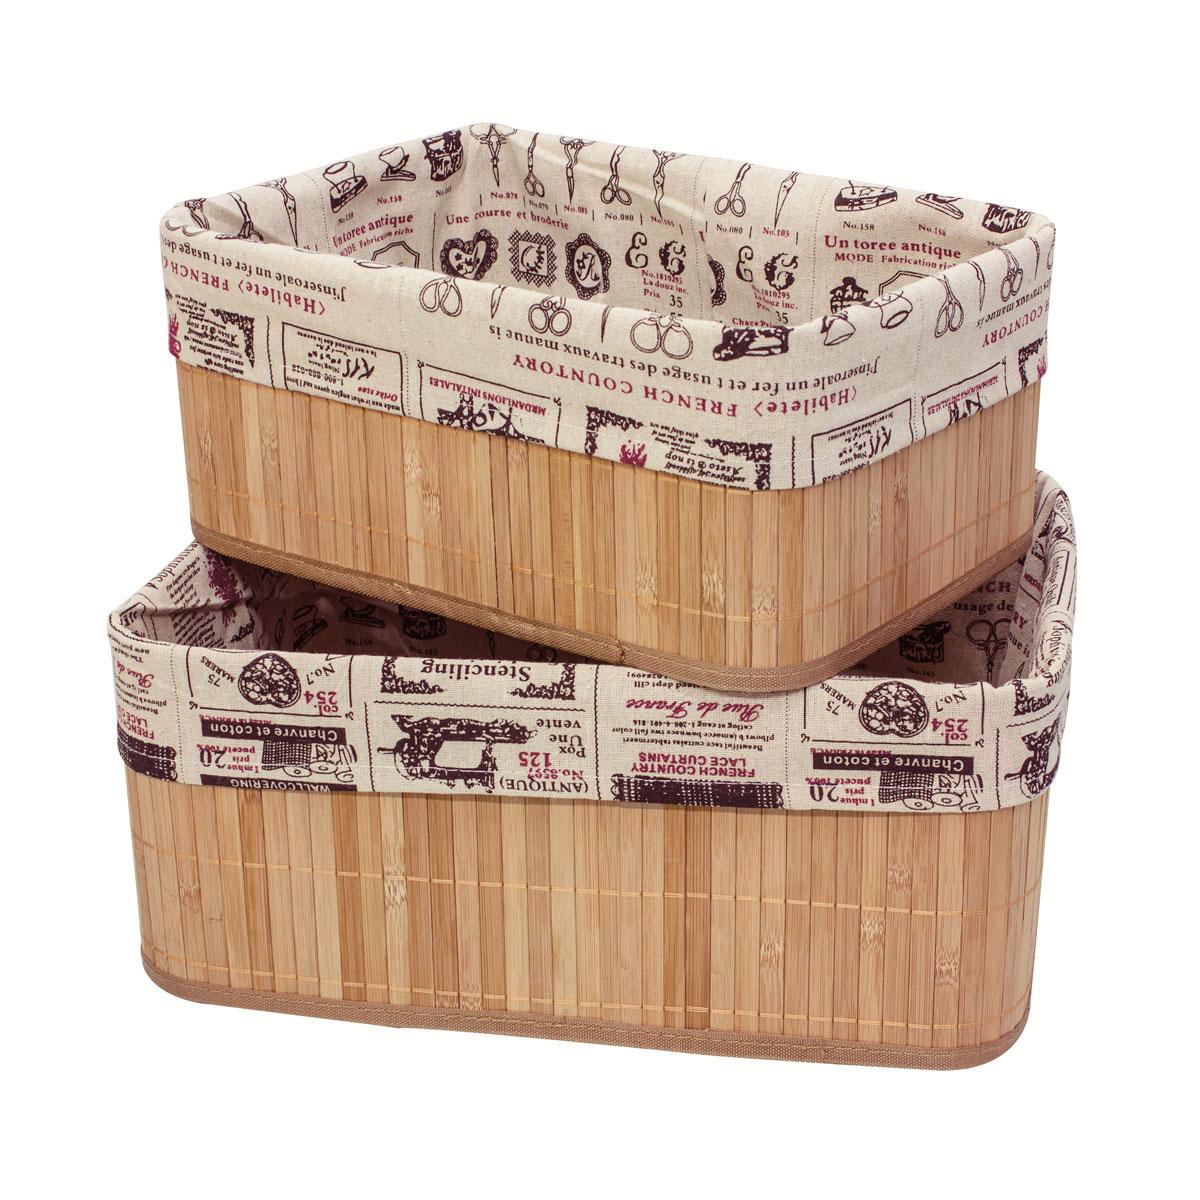 Набор коробов для хранения Ecowoo Ретро, 2 предмета, цвет: светлое деревоBBS-7Марка Ecowoo предлагает новое удобное решение для хранения полезных мелочей - набор универсальных коробов из бамбука. Прекрасная вместительность, экологичный материал и актуальный дизайн - все эти достоинства делают набор незаменимым в любом доме. Модель Ретро